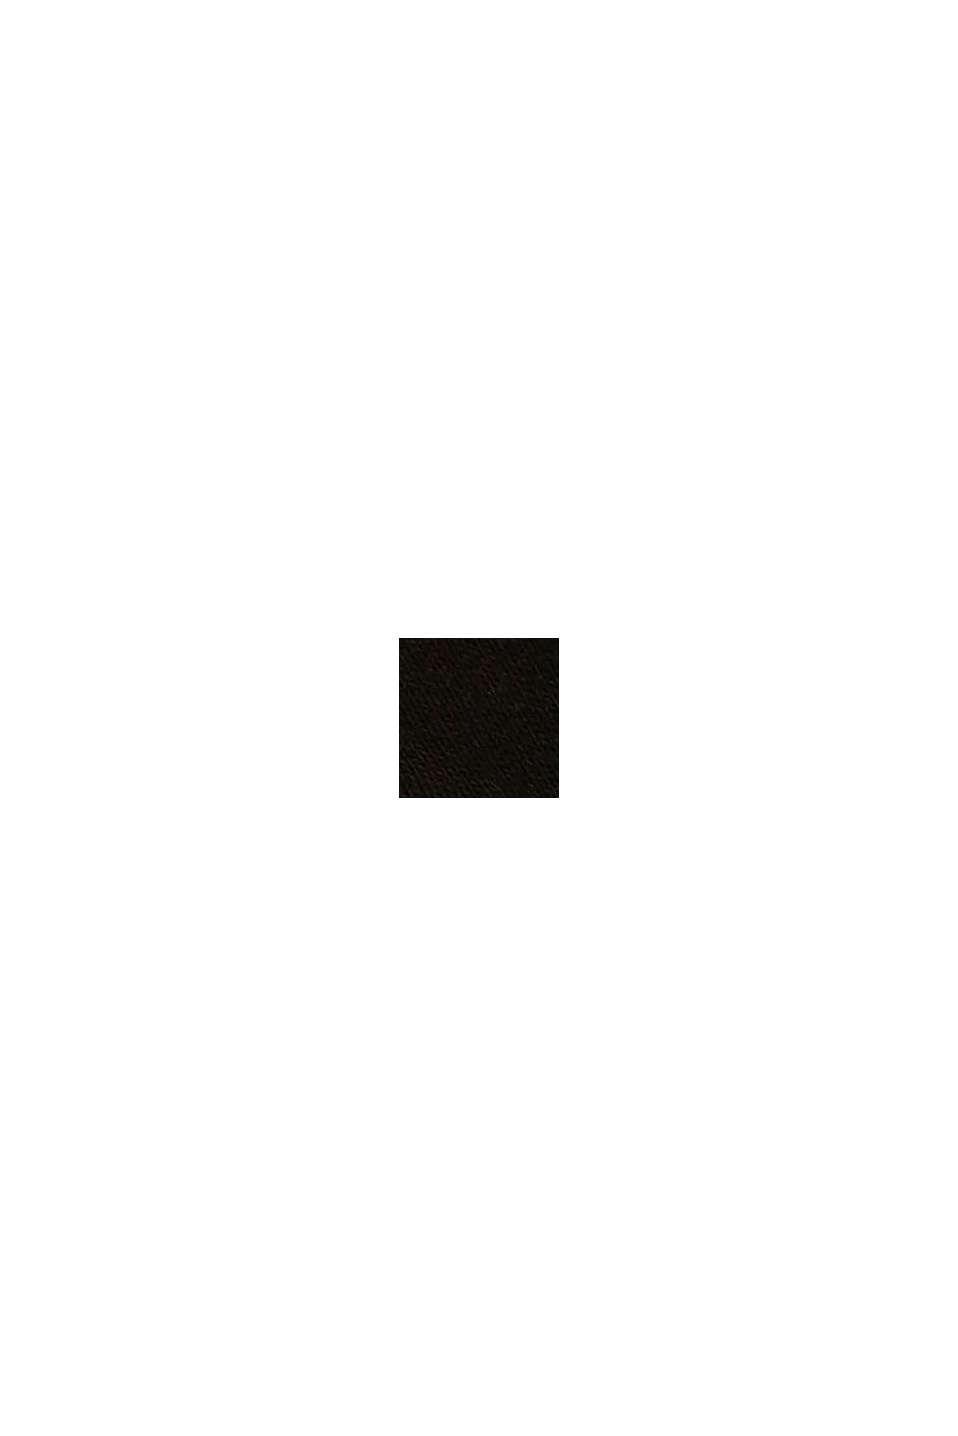 Calzini in tinta unita in confezione da 5, cotone biologico, BLACK, swatch